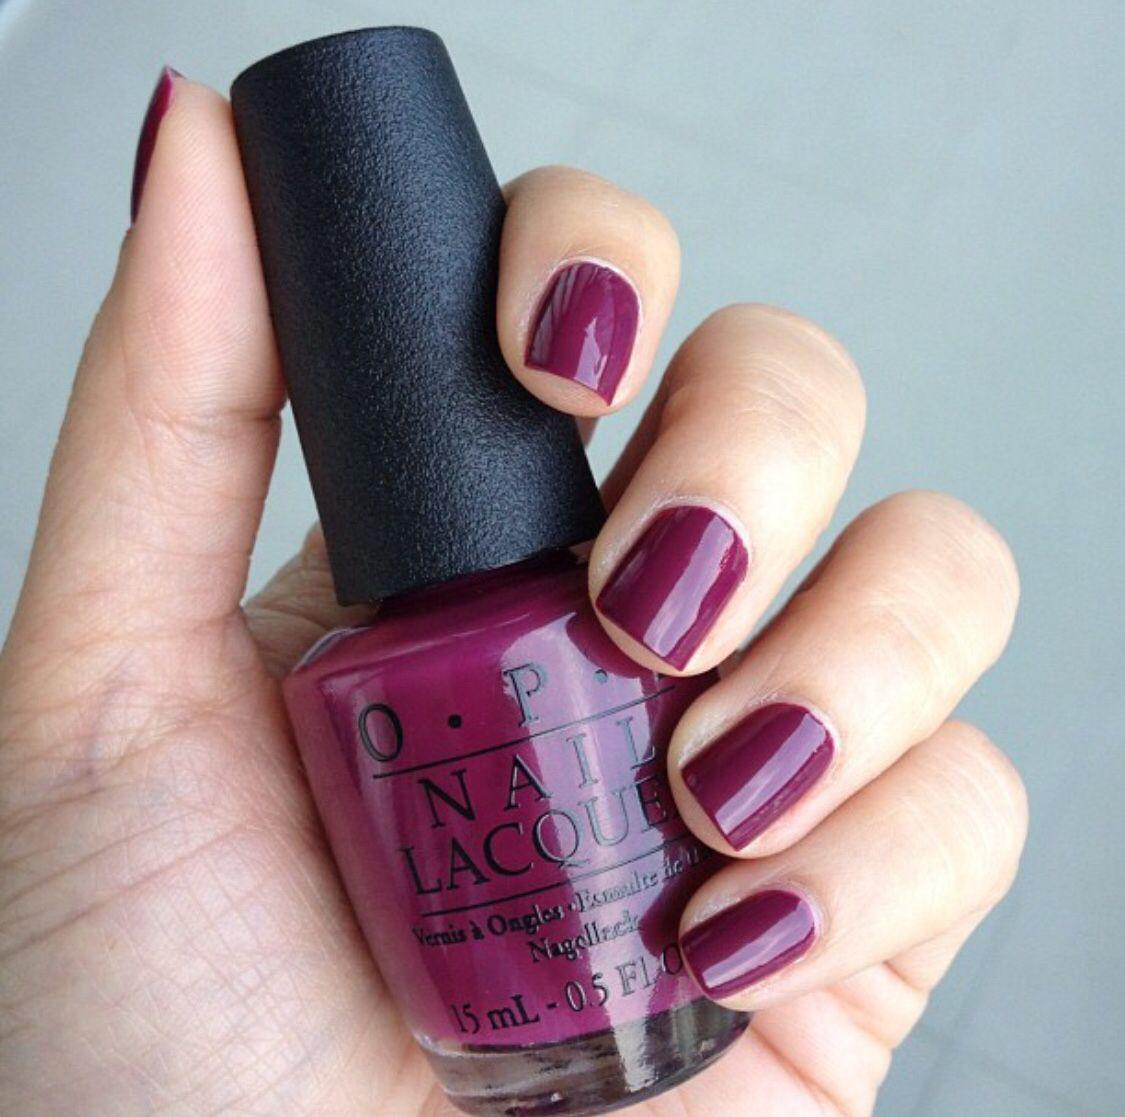 Mai adlı kullanıcının Nail polish panosundaki Pin | Chanel